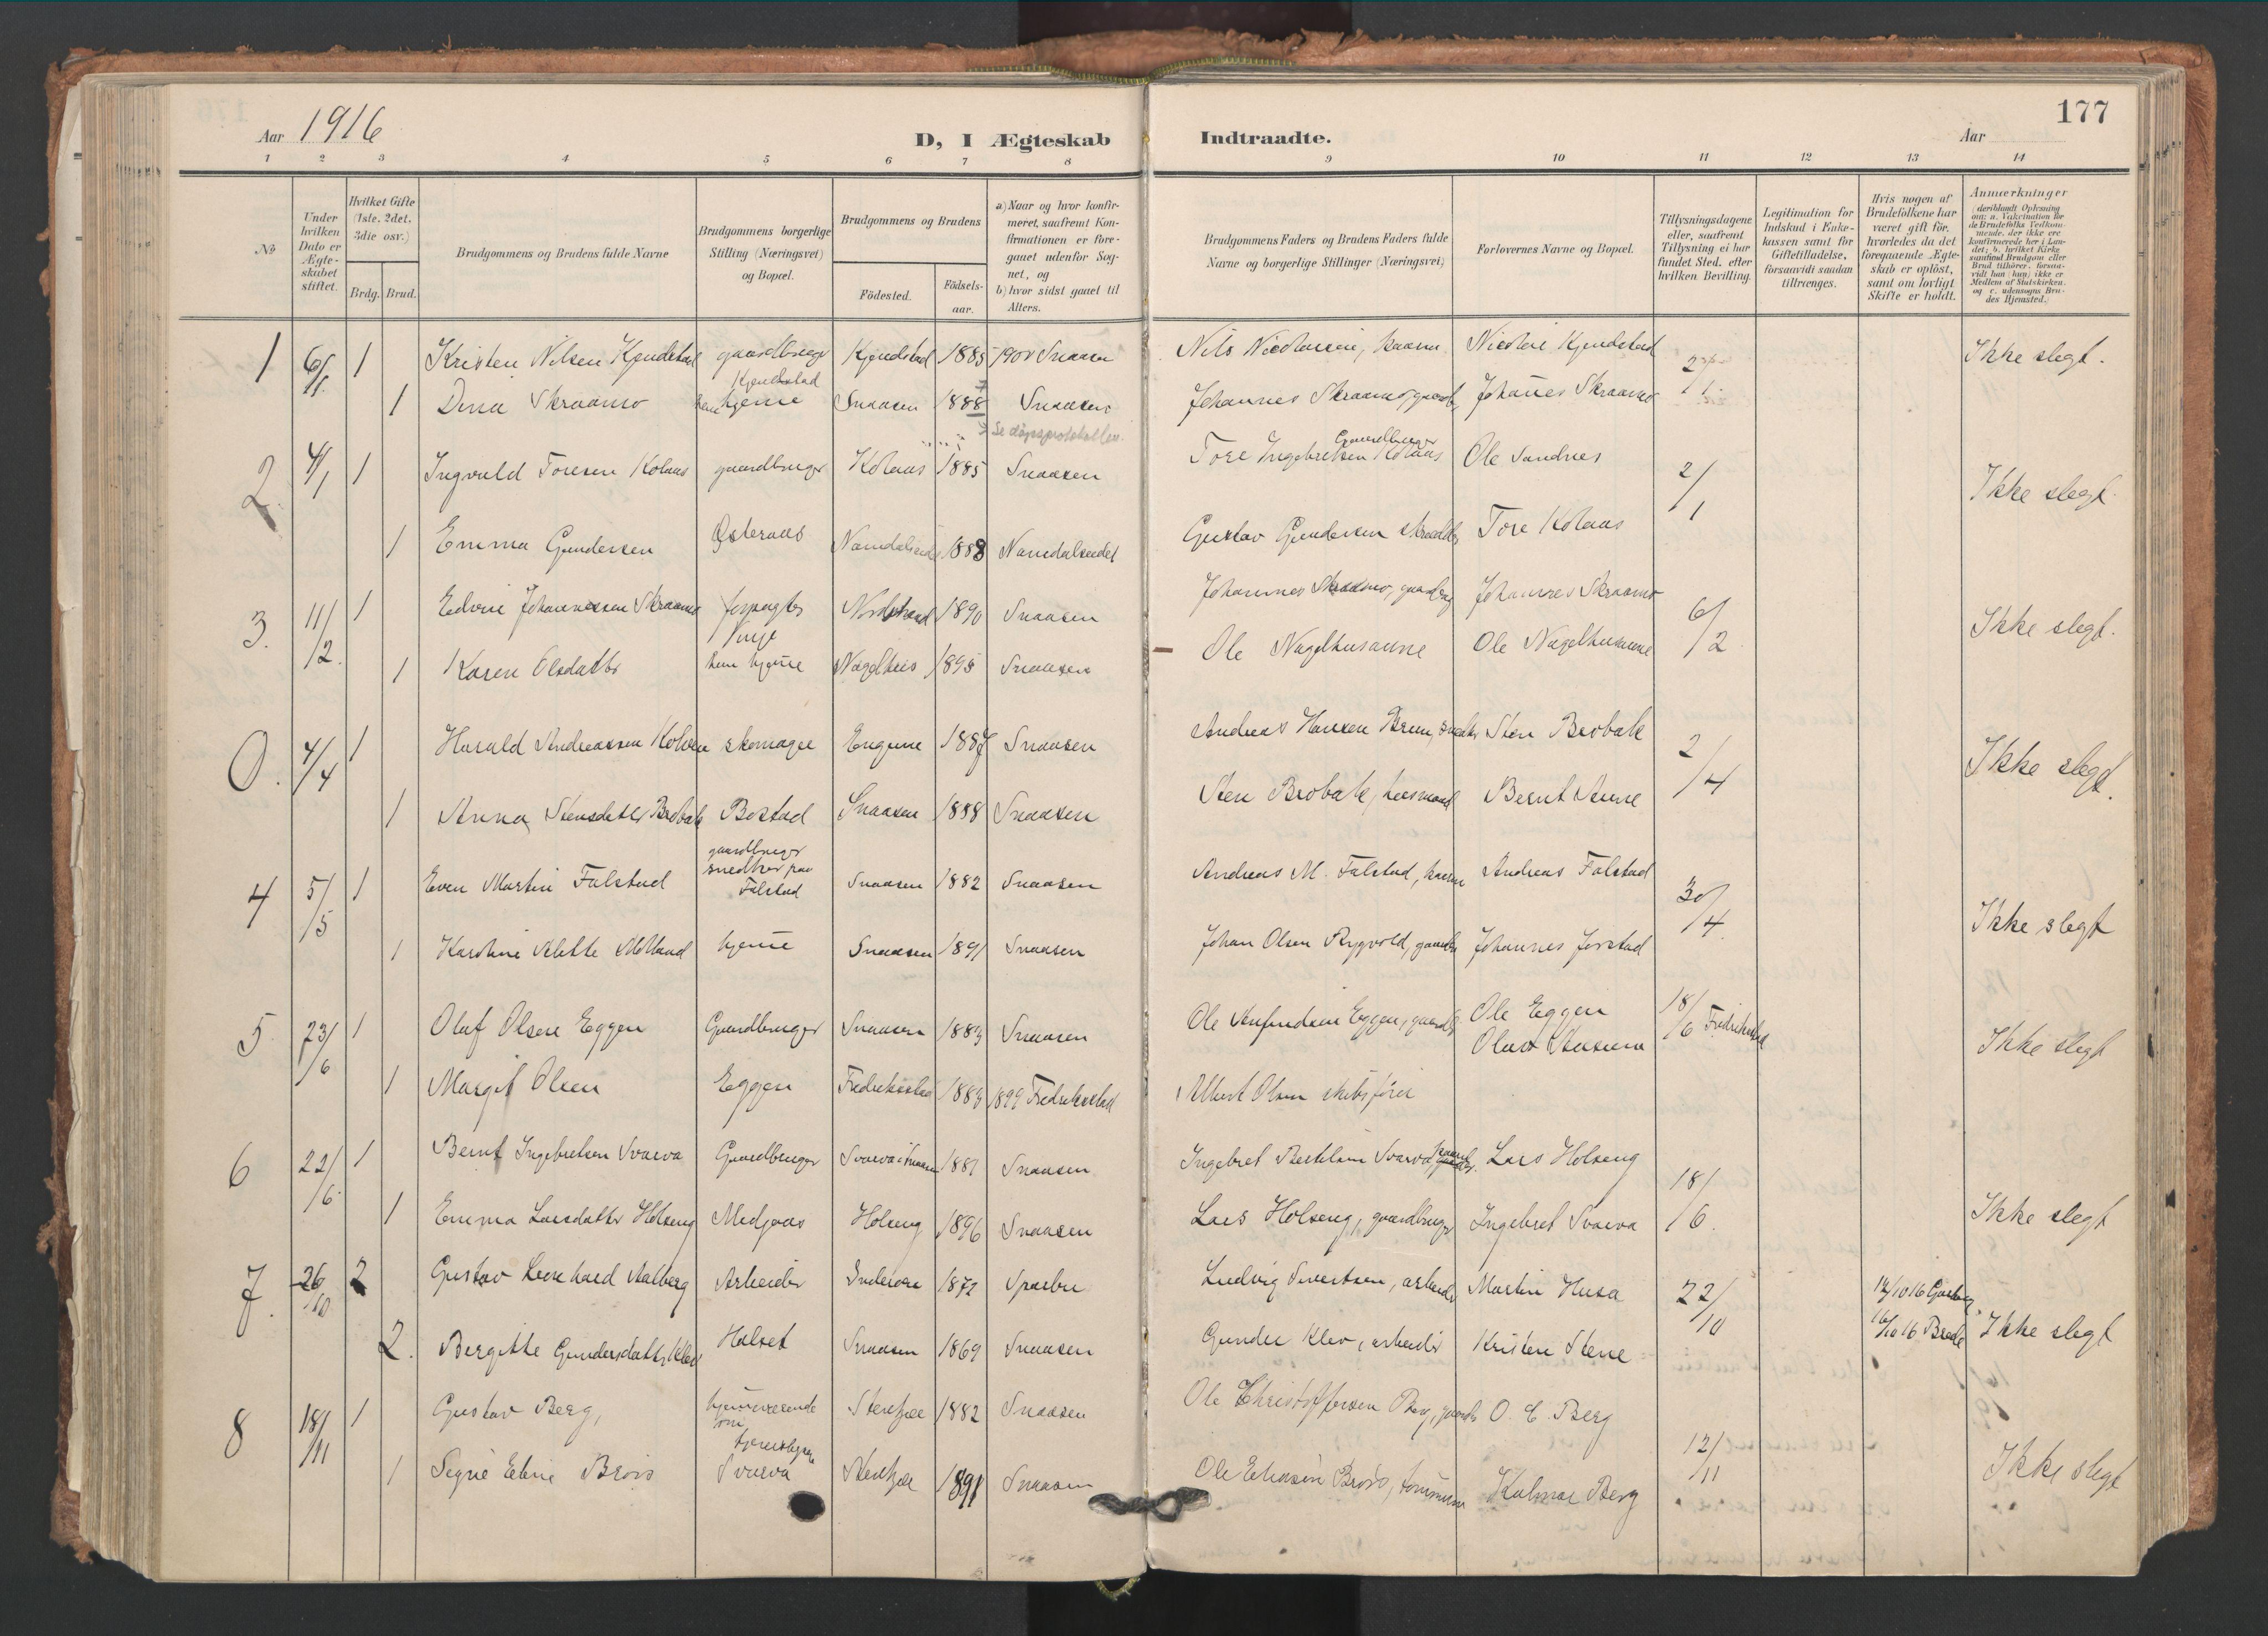 SAT, Ministerialprotokoller, klokkerbøker og fødselsregistre - Nord-Trøndelag, 749/L0477: Ministerialbok nr. 749A11, 1902-1927, s. 177